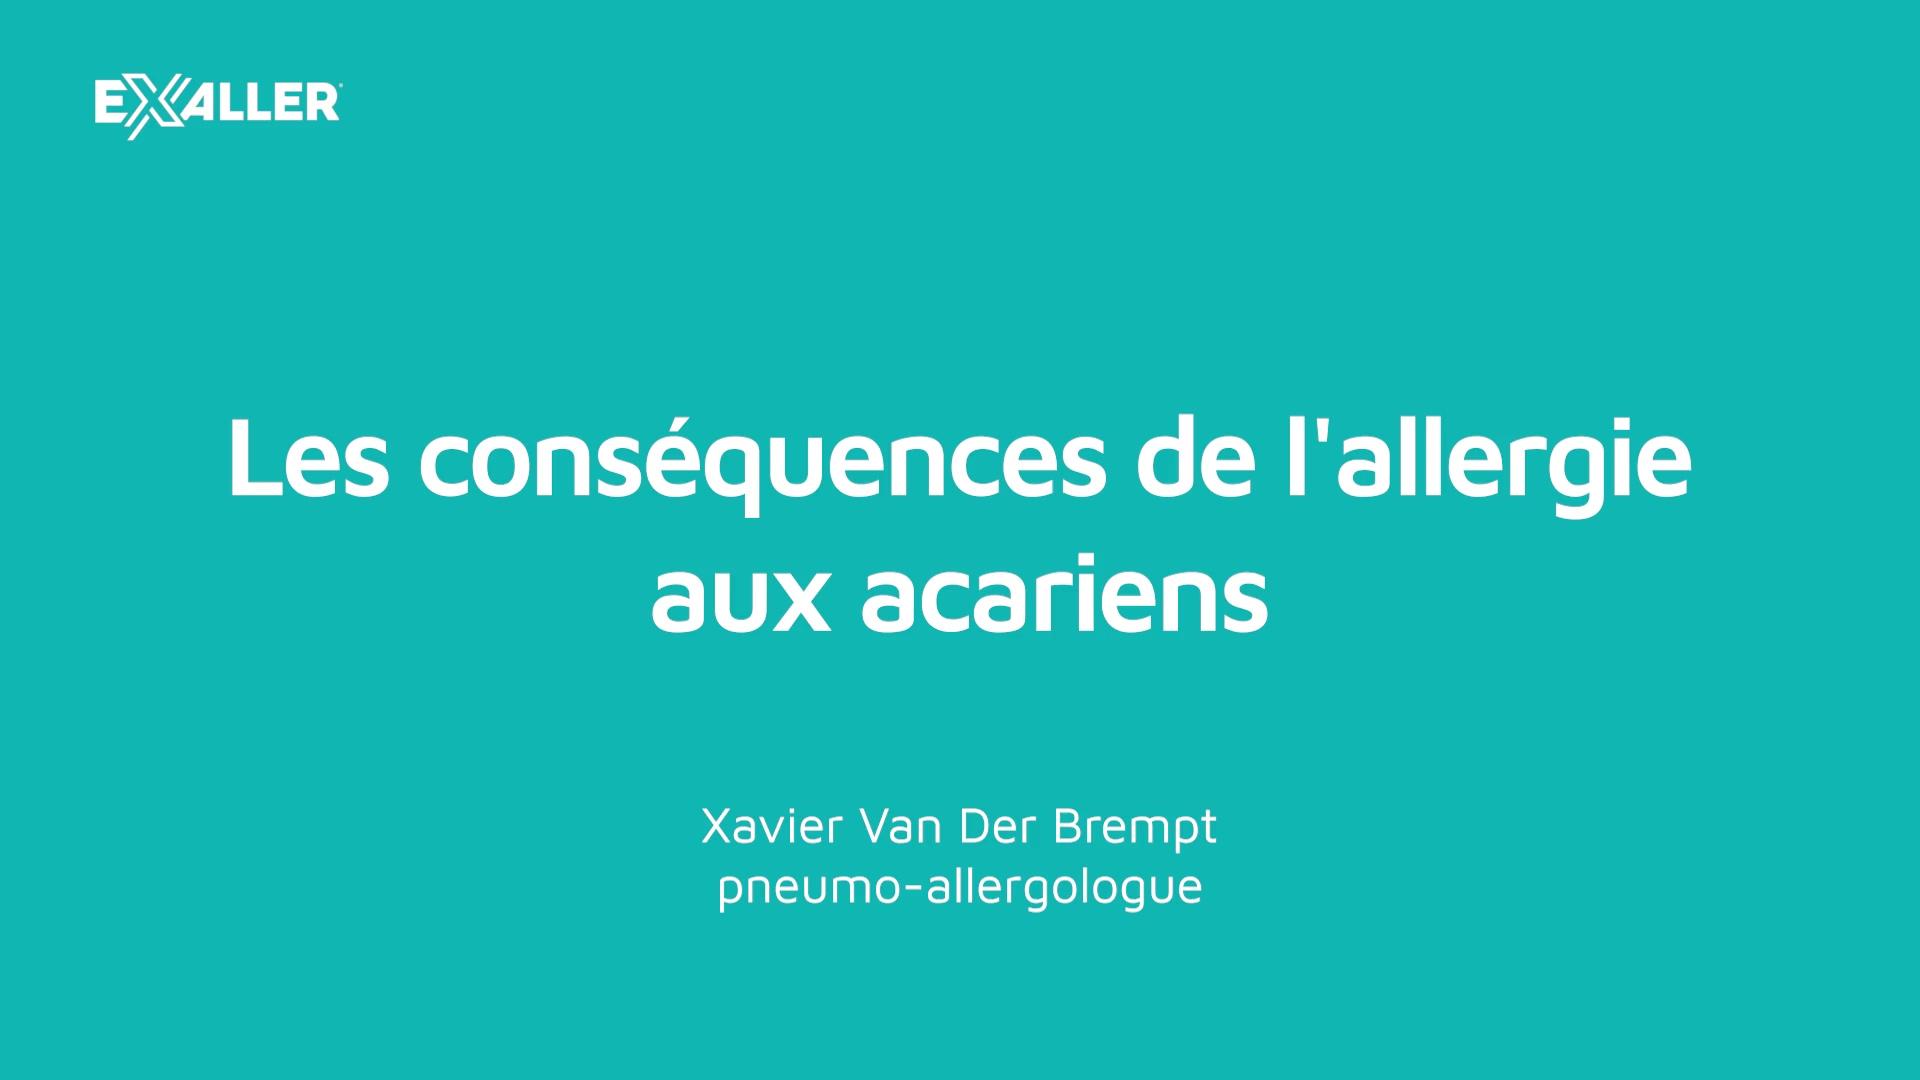 X9 Les conséquences de lallergie aux acariens